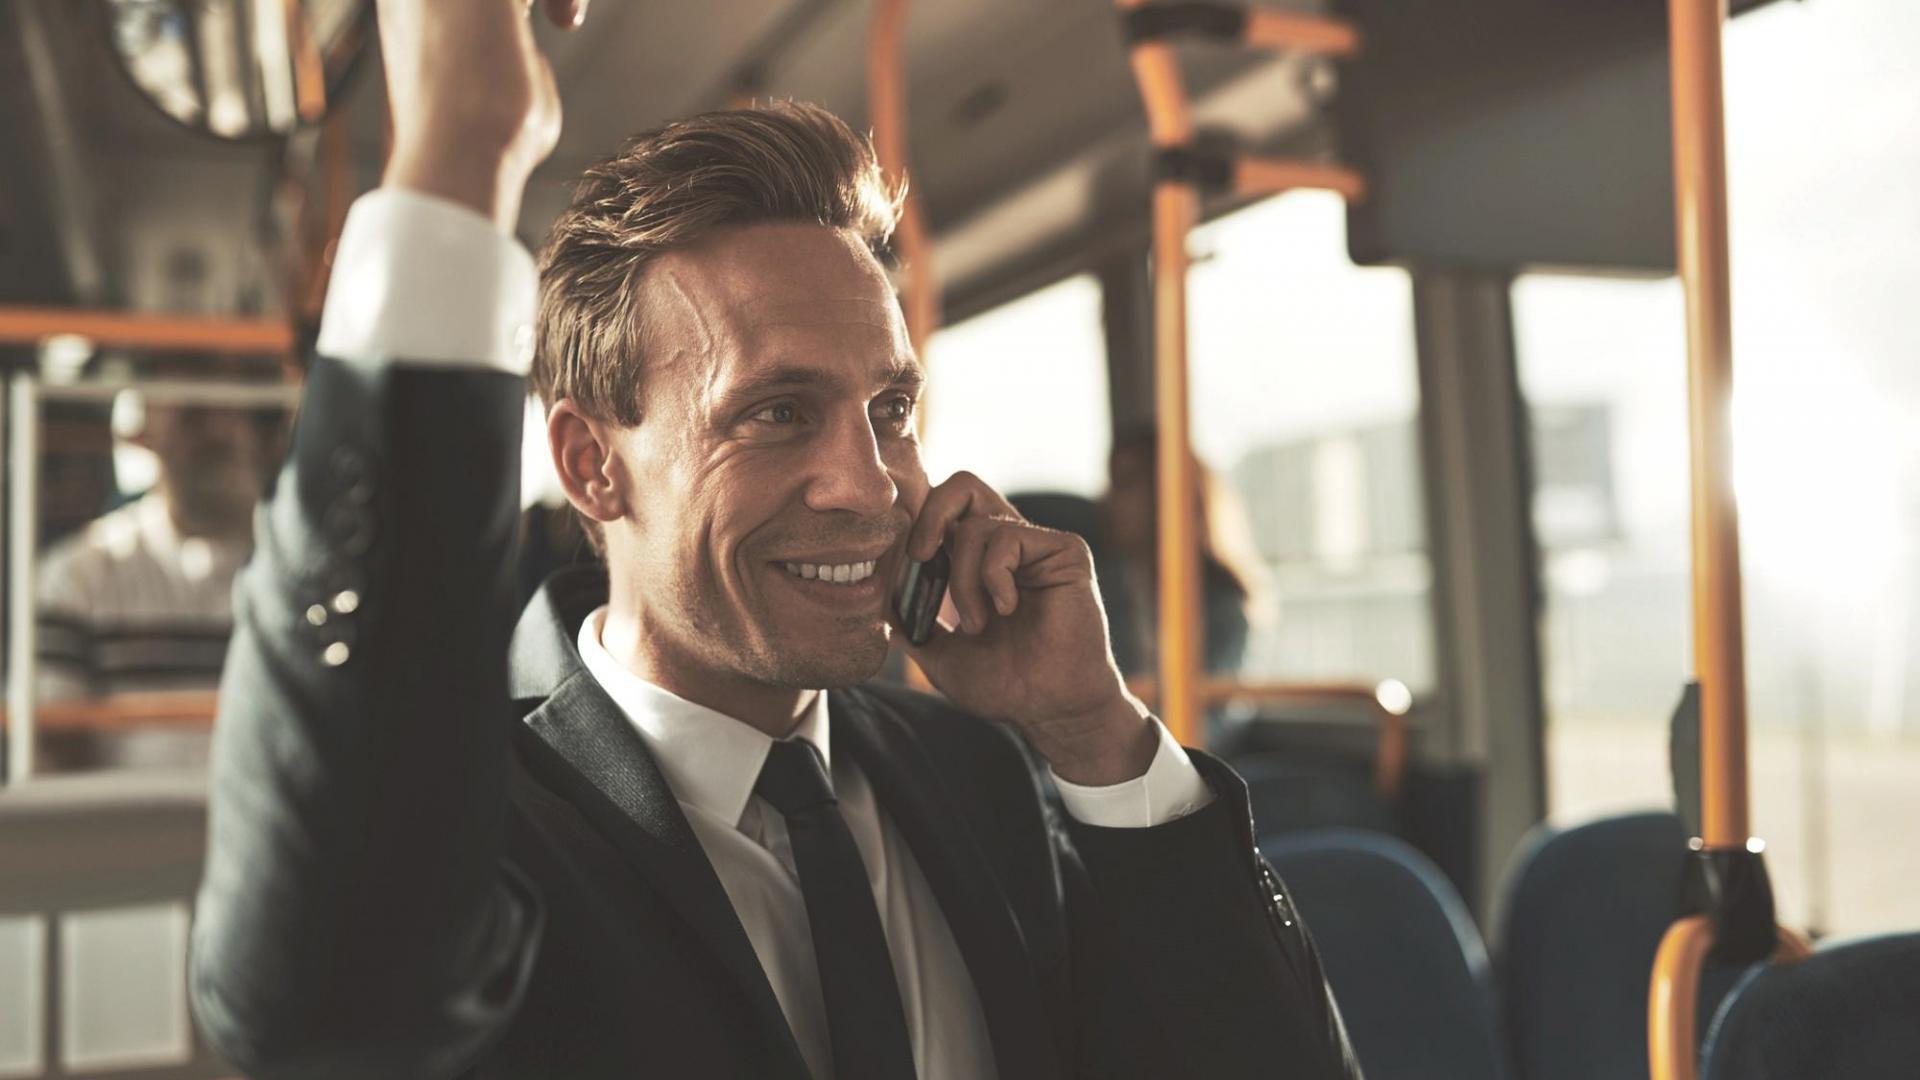 Mann Telefonieren Bus